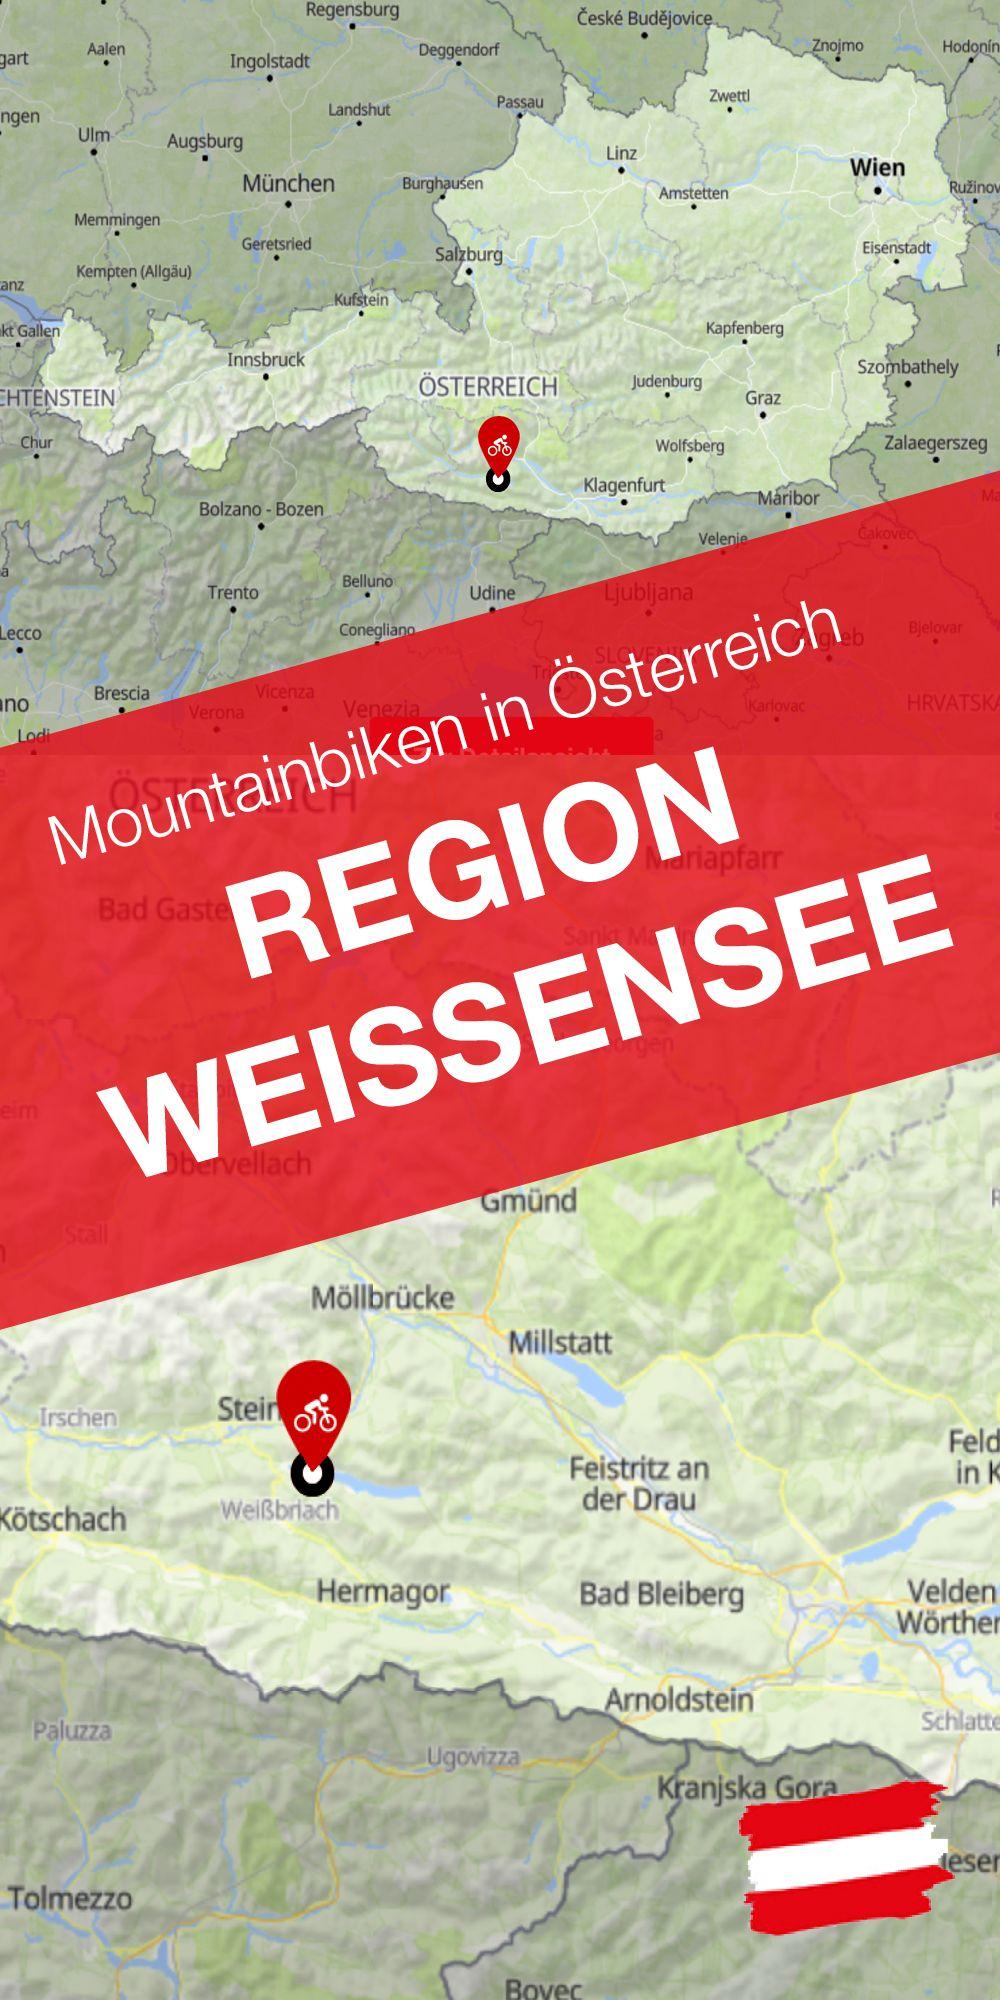 Mountainbiken Am Weissensee Inmitten Der Karntner Gailtaler Alpen Weissensee Alpen Radtouren